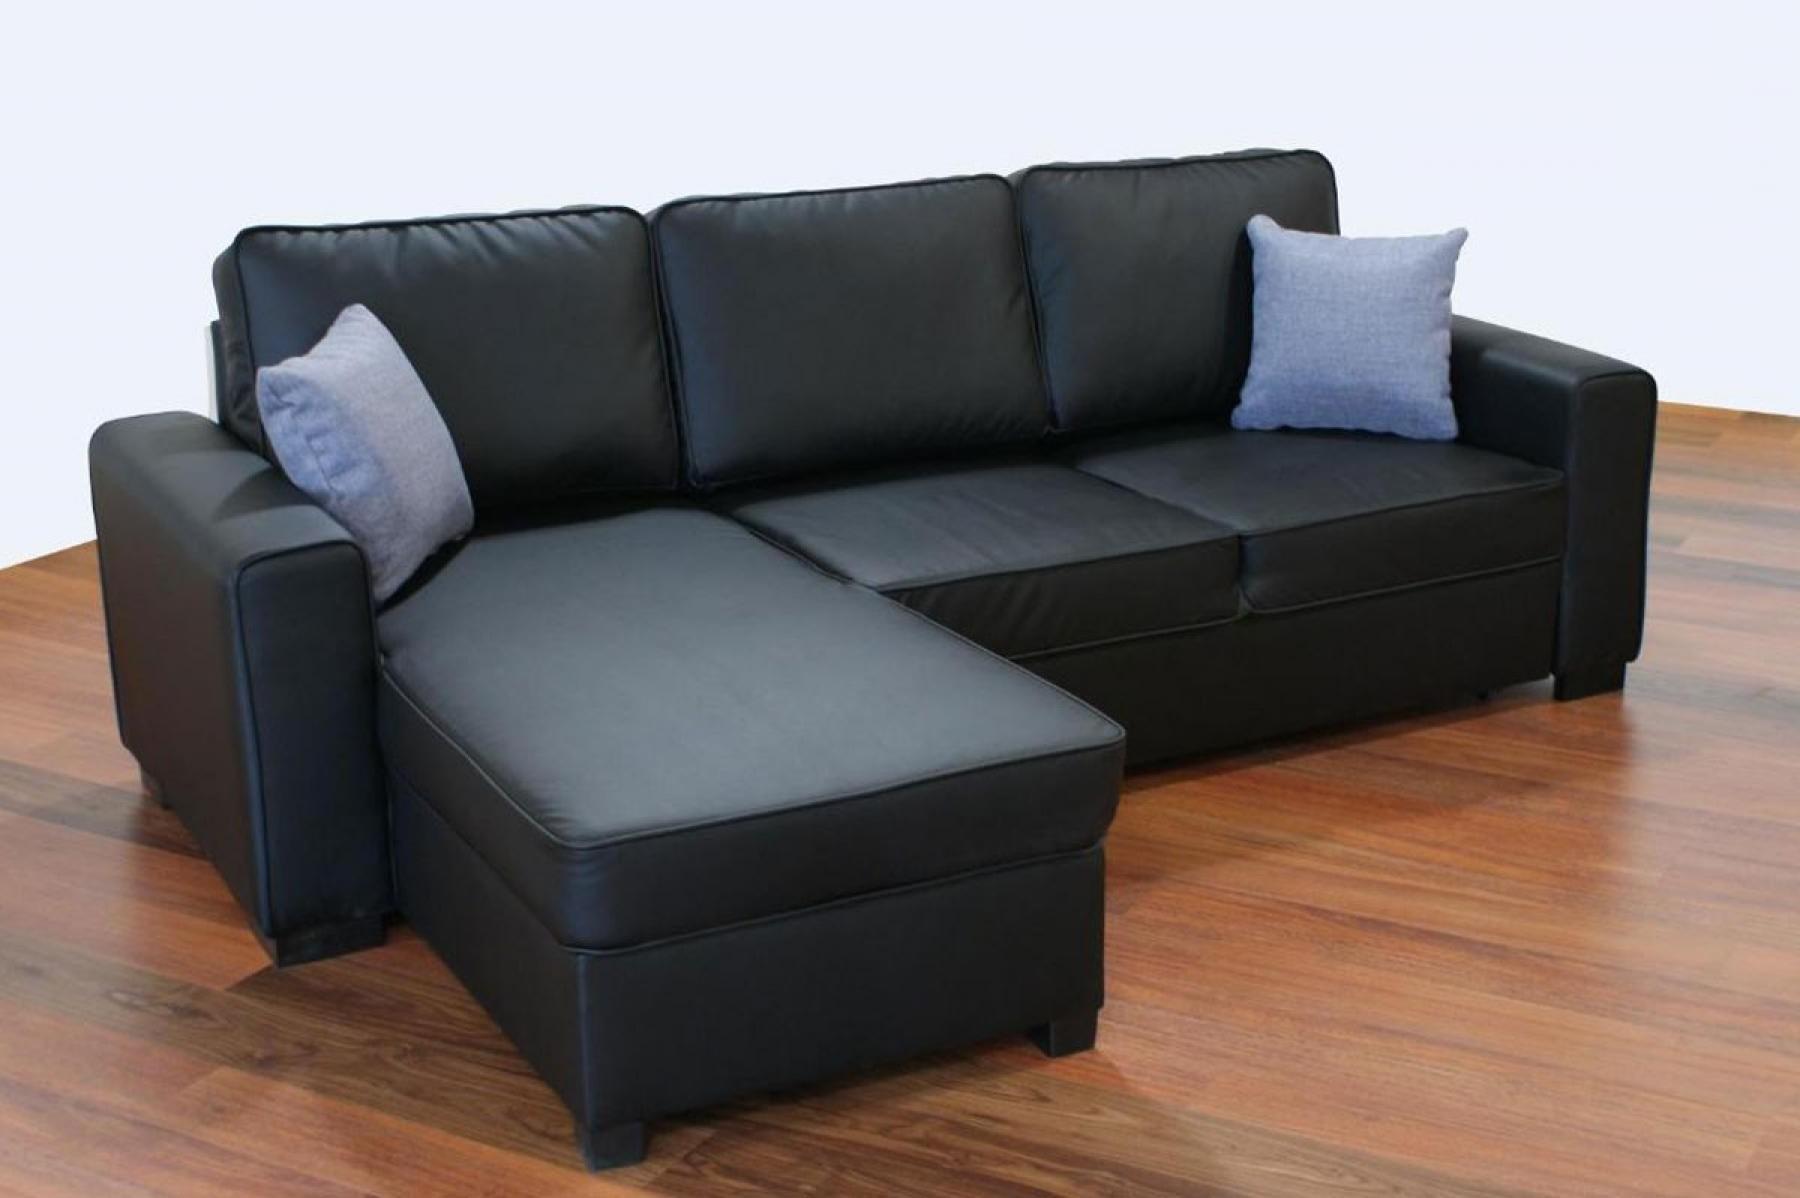 Canapé D'angle Convertible Noir Cuir